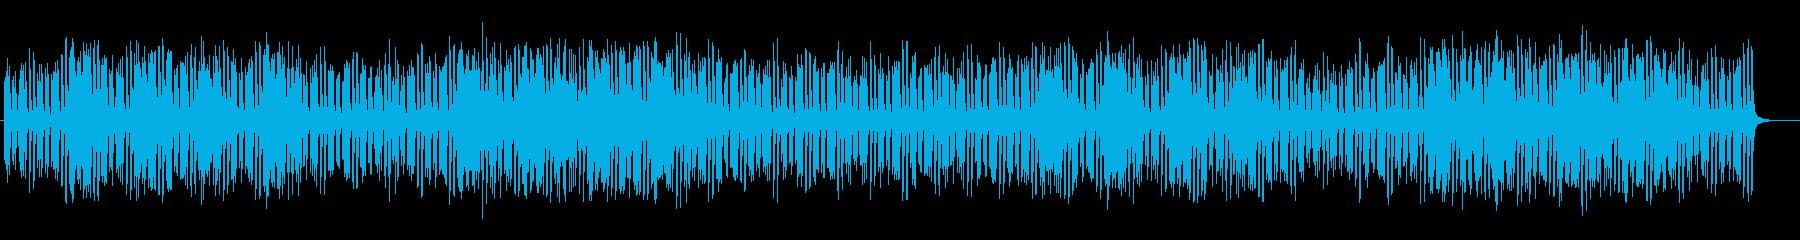 ウキウキする弾みのある明るいメロディーの再生済みの波形